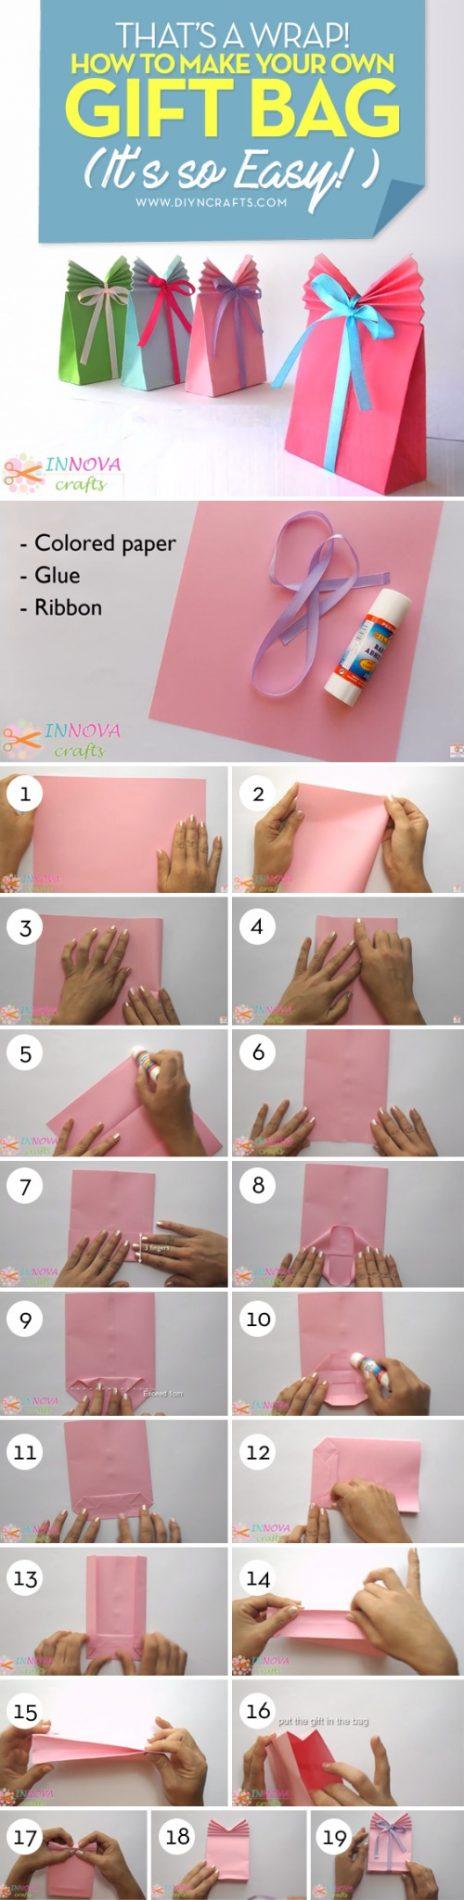 cách xếp họp giấy đơn giản, cách xếp hộp quà đơn giản bằng giấy